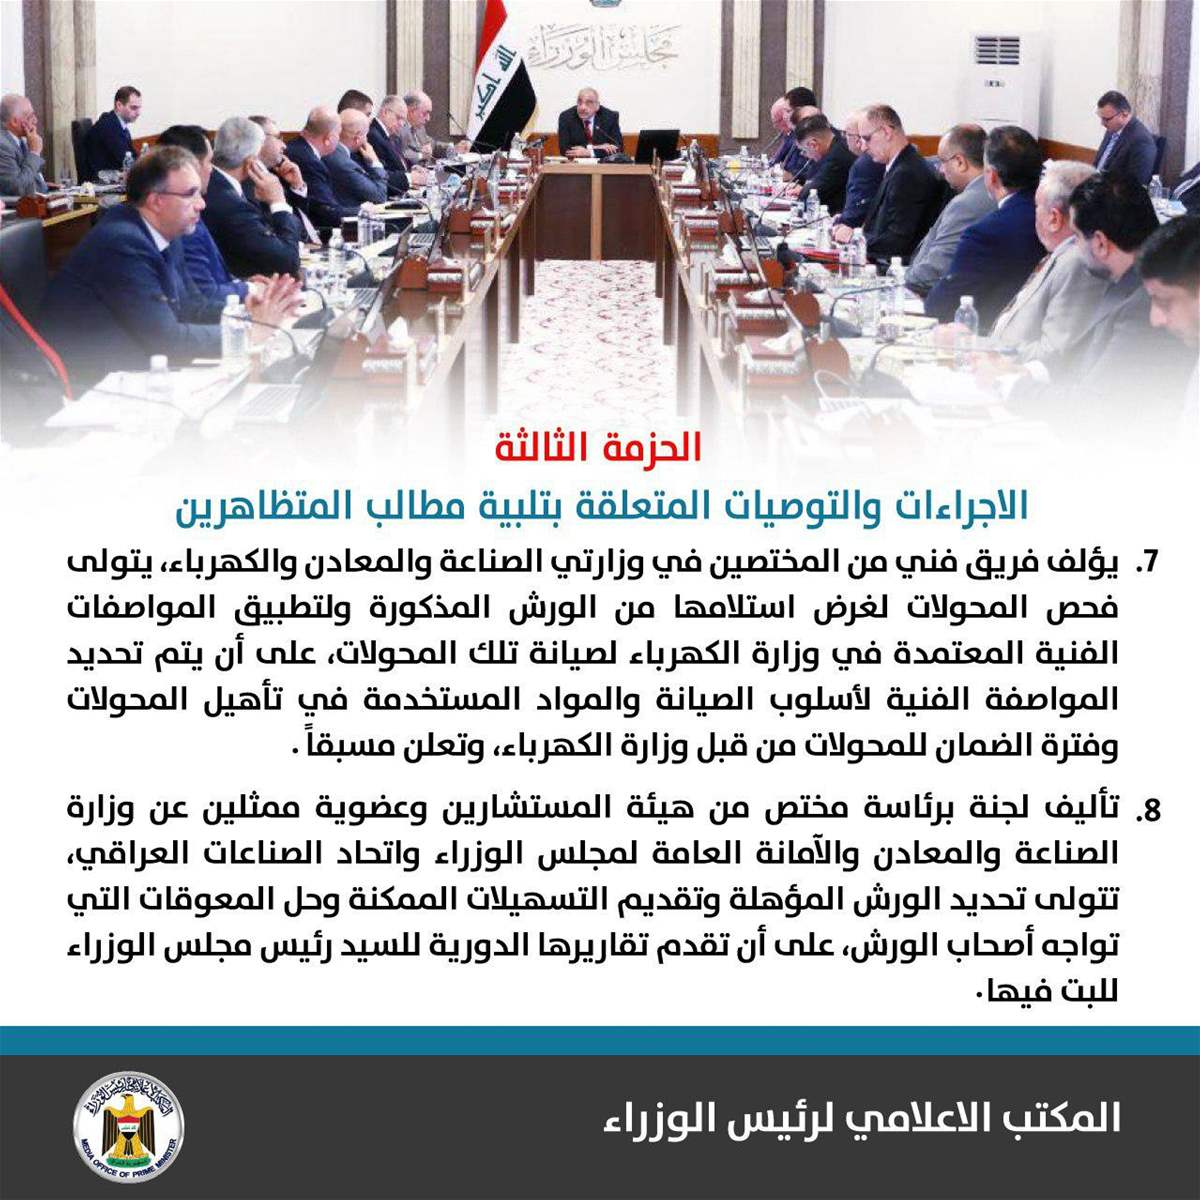 الحزمة الثالثة من مكافآت عبد المهدي للمتظاهرين قبل 25/10 ومع كل قرار صورته!!!!